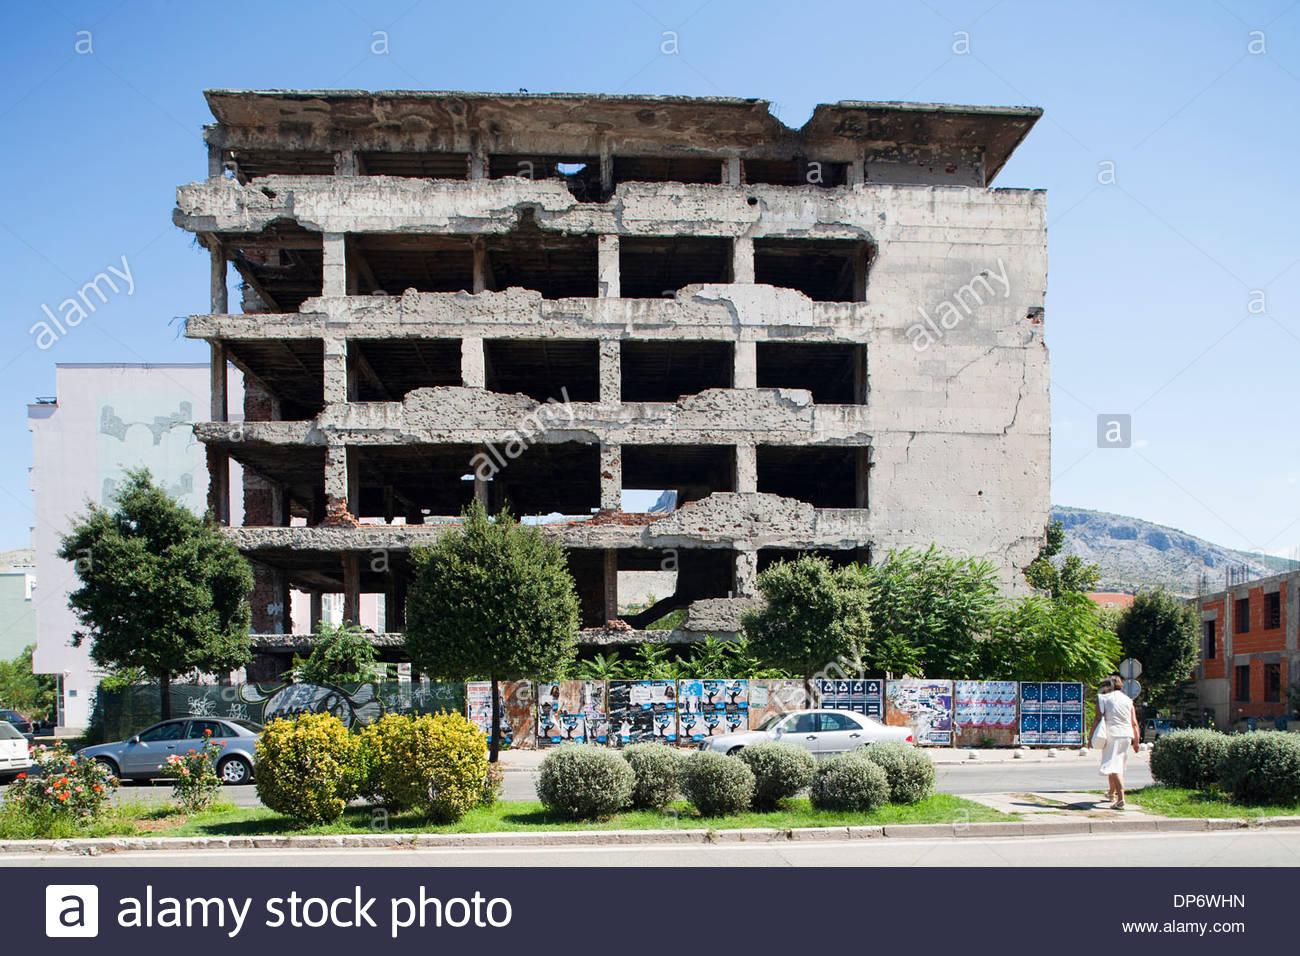 bombed building,west side,mostar,bosnia and herzegovina,europe - Stock Image